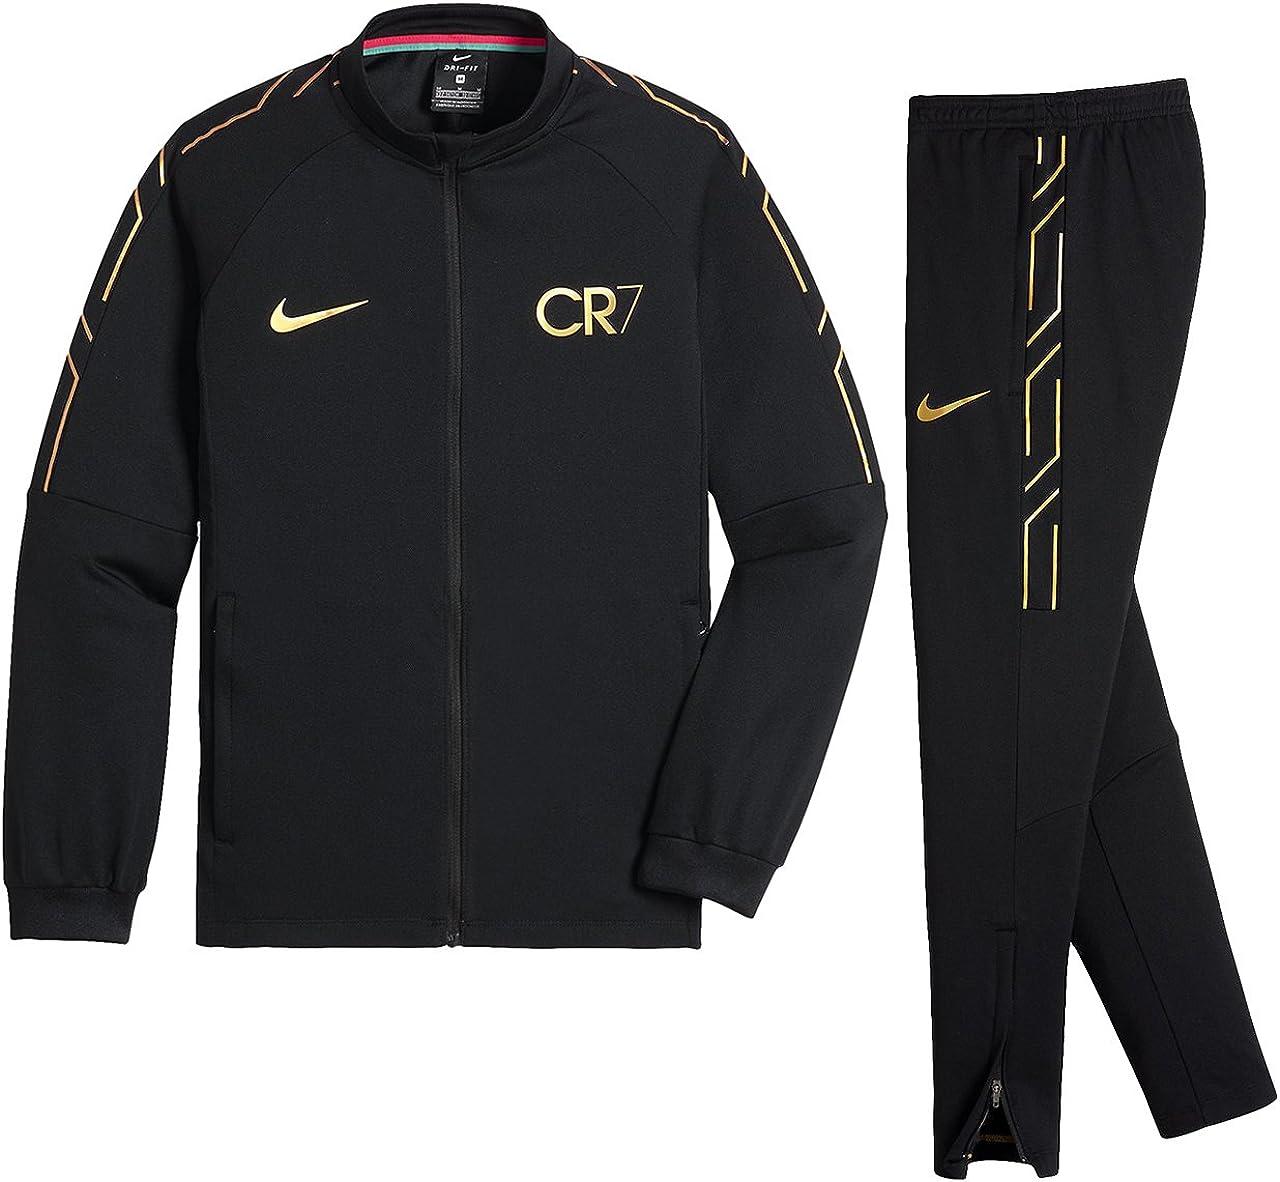 Chandal Nike CR7 Dry Academy Negro/Dorado Niño: Amazon.es: Ropa y ...